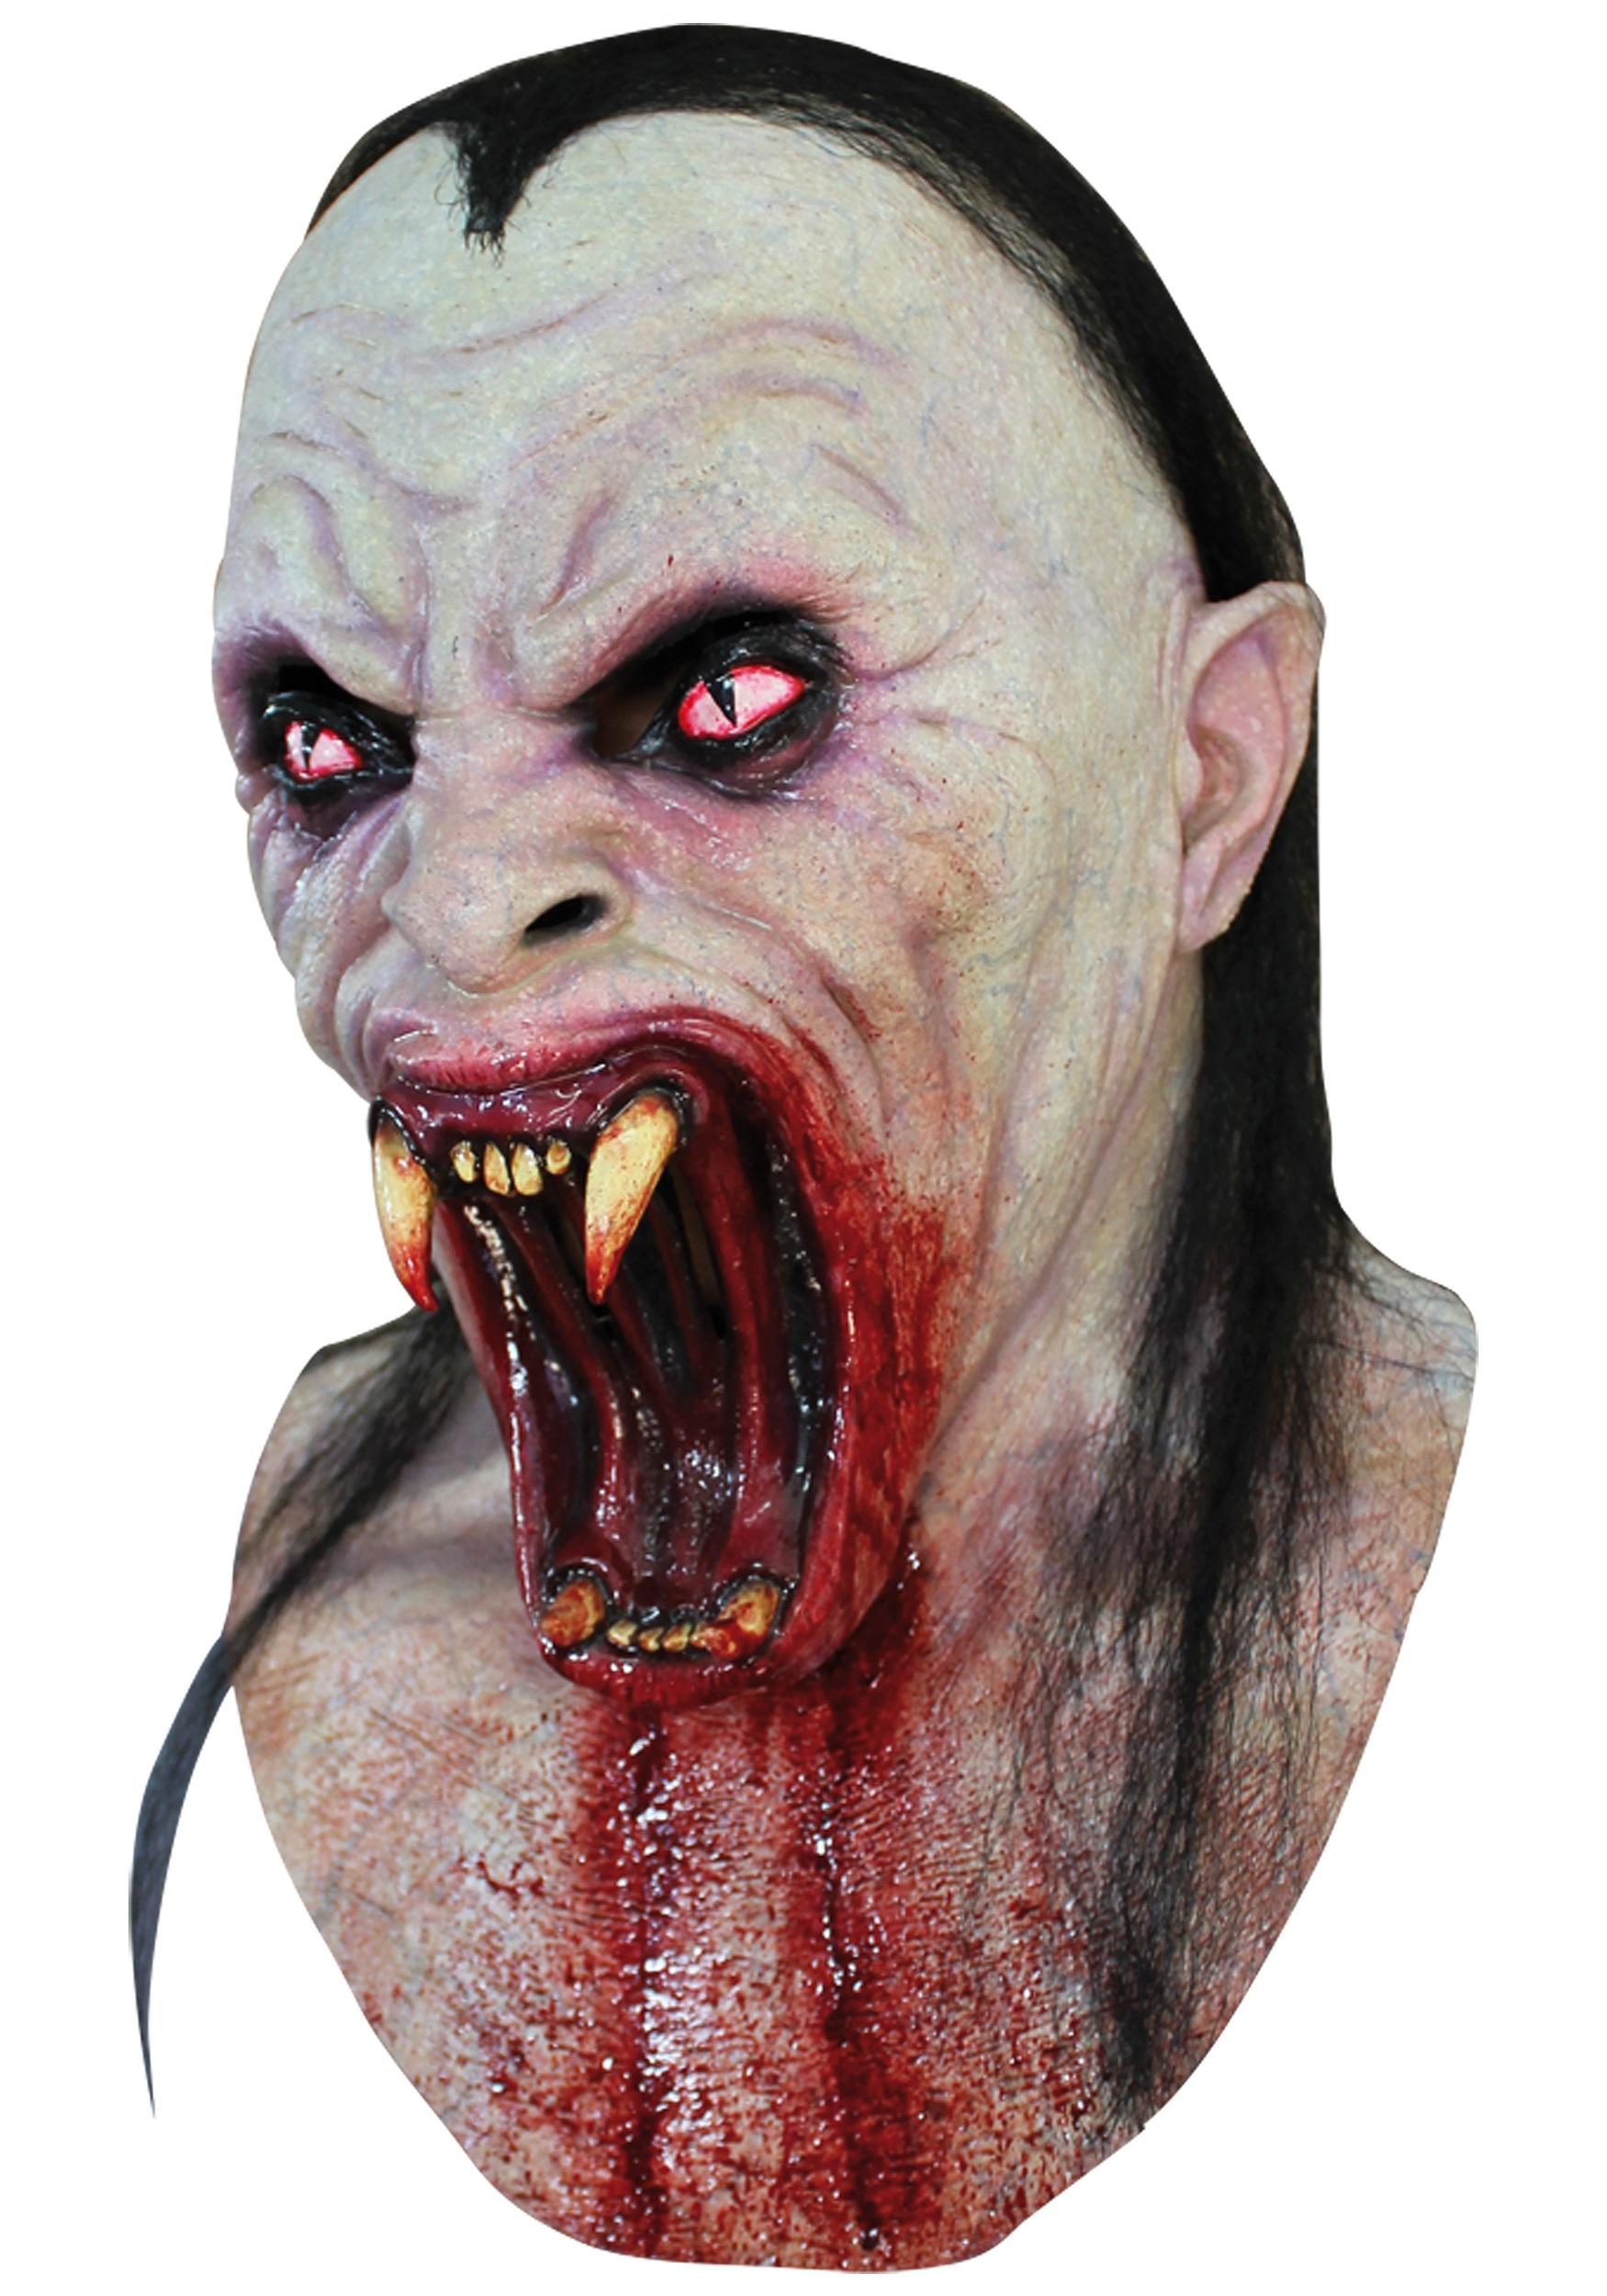 viper vampire mask - Scary Vampire Halloween Costumes